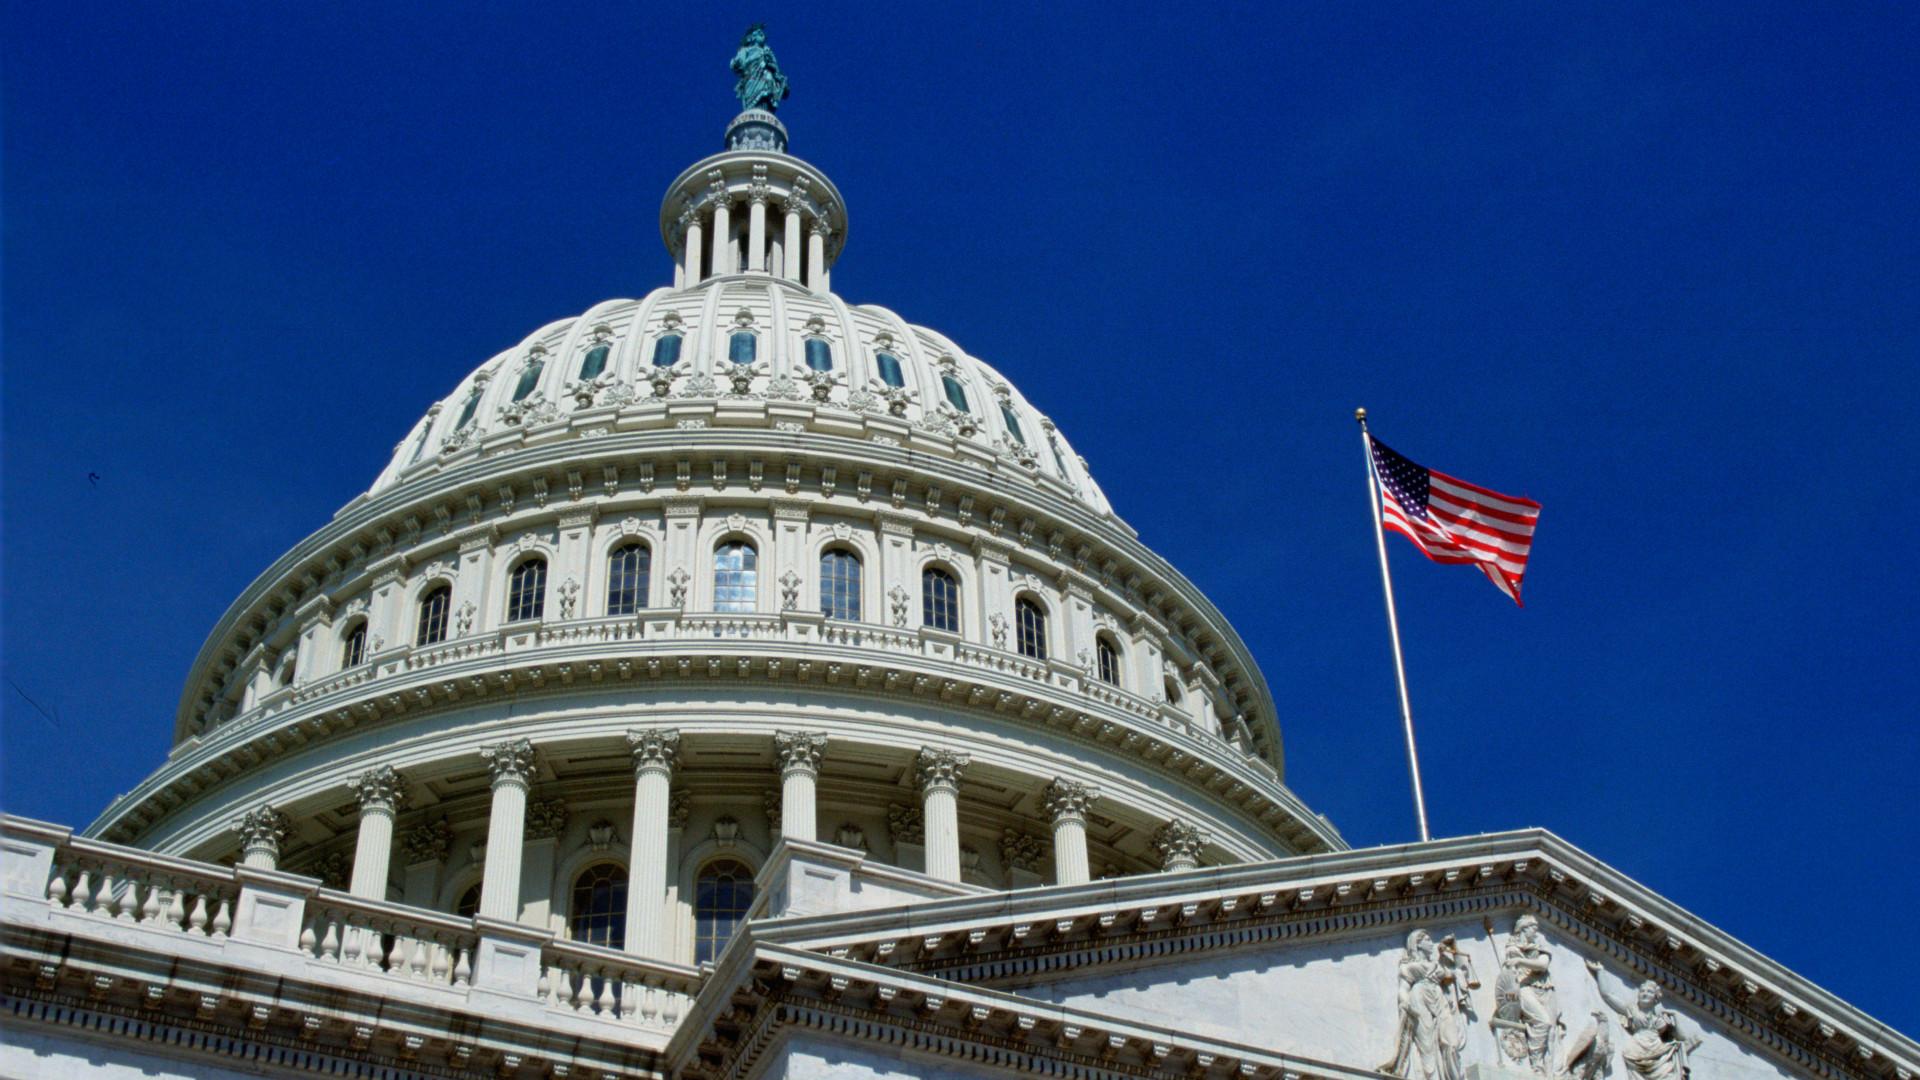 Megszületett a szenátusi megállapodás a kormányzati leállás megakadályozásáról